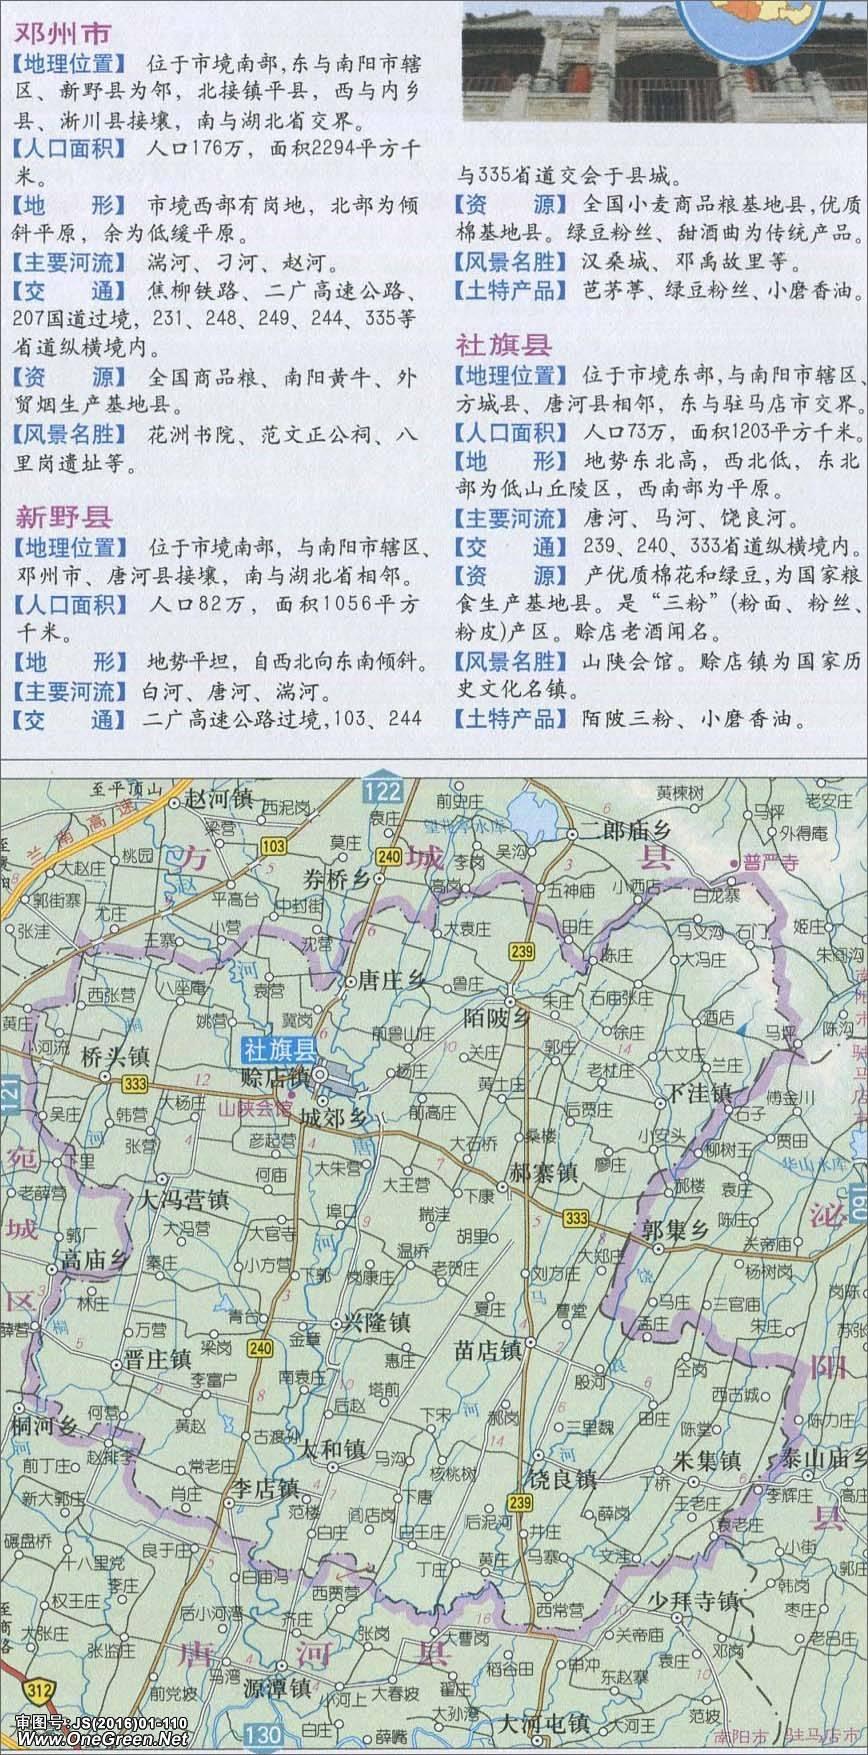 社旗县乡镇高清地图